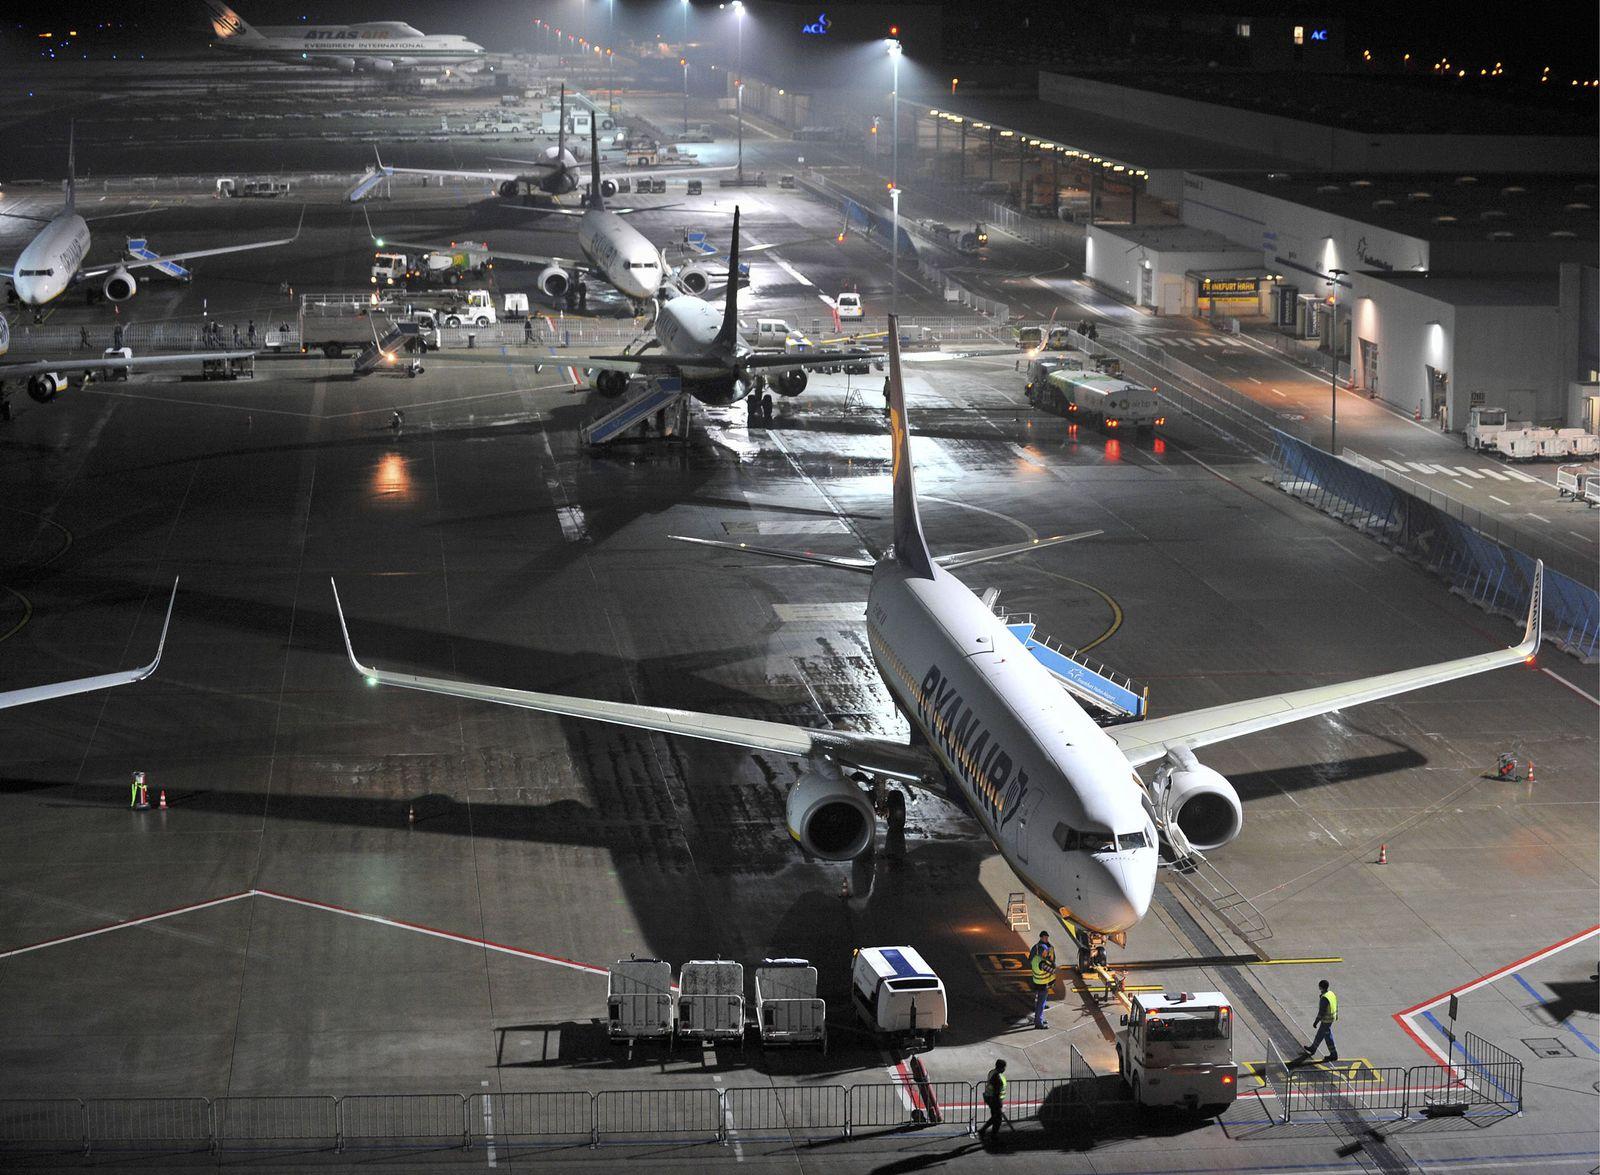 NICHT VERWENDEN Flughafen Frankfurt-Hahn / Billigfluggesellschaften